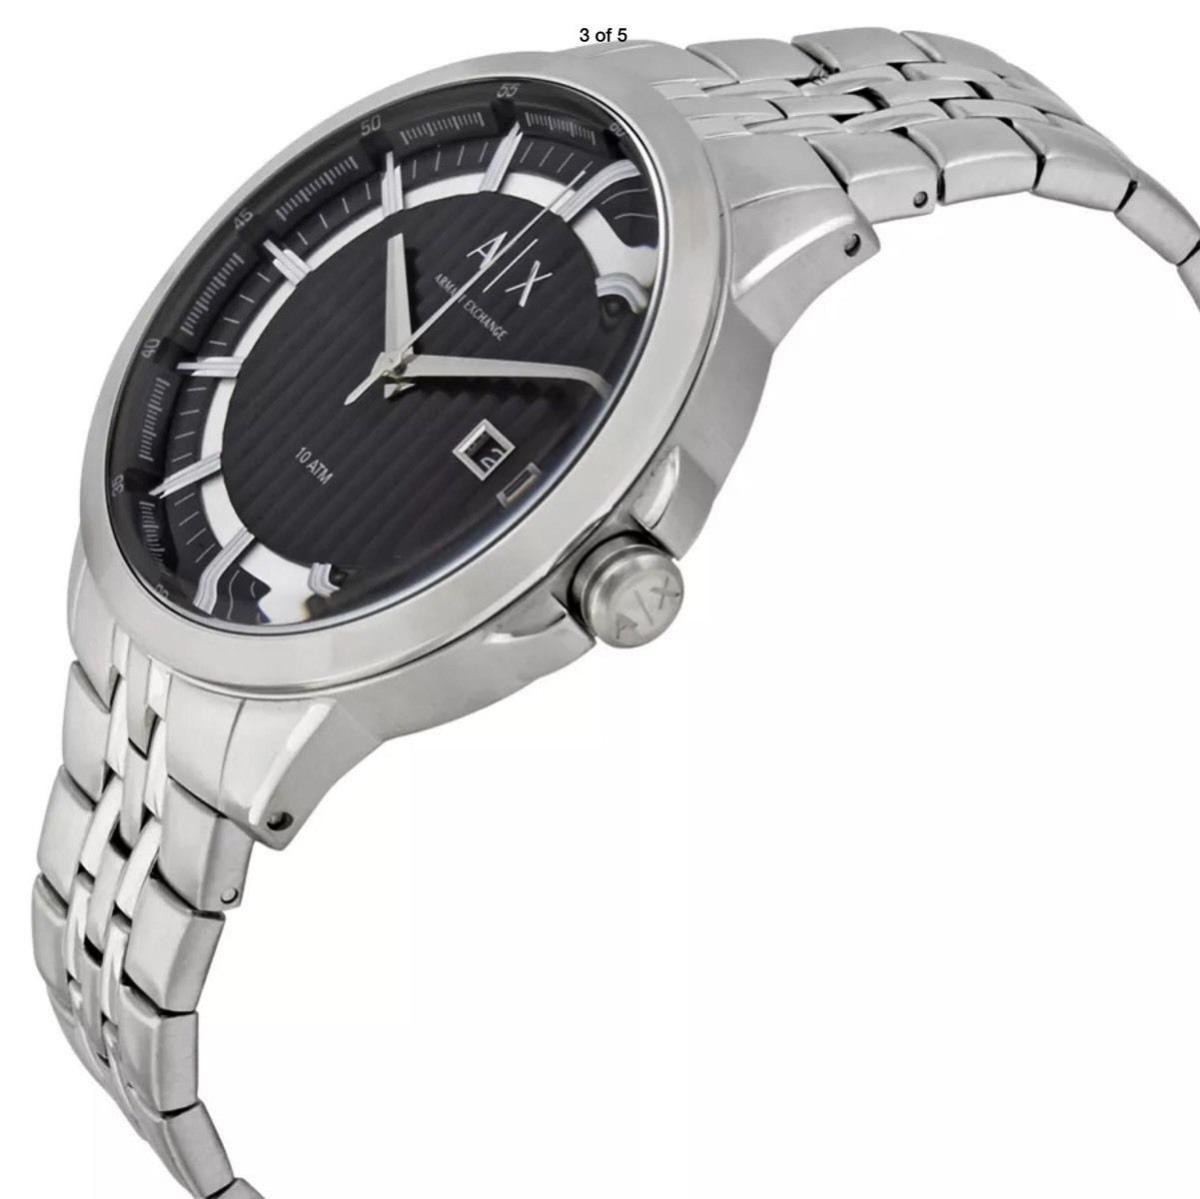 b7873f2a04b3 Reloj Armani